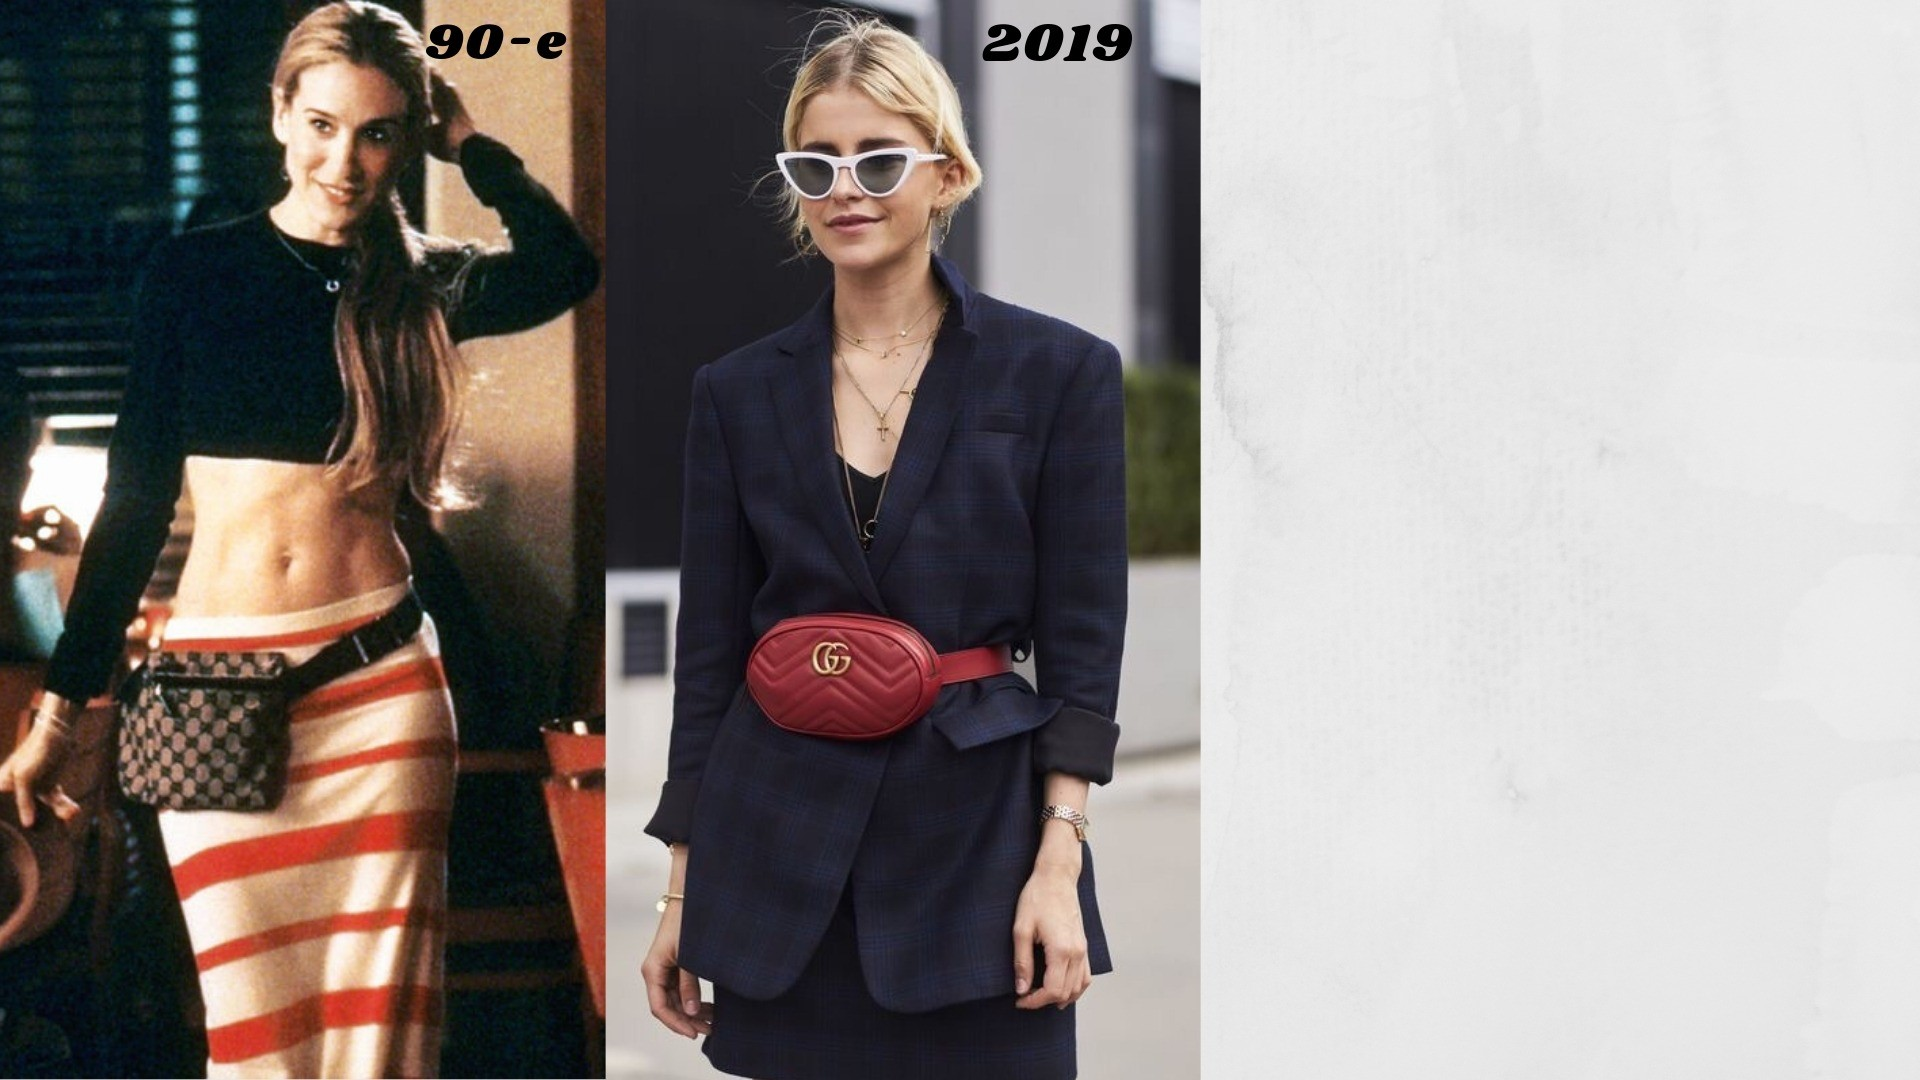 В 90-х кэтому модному аксессуару относились весьма неоднозначно. Вто время поясные сумки чаще всего делали изткани «болонья» иценили их исключительно заудобство. Умногих досих пор...